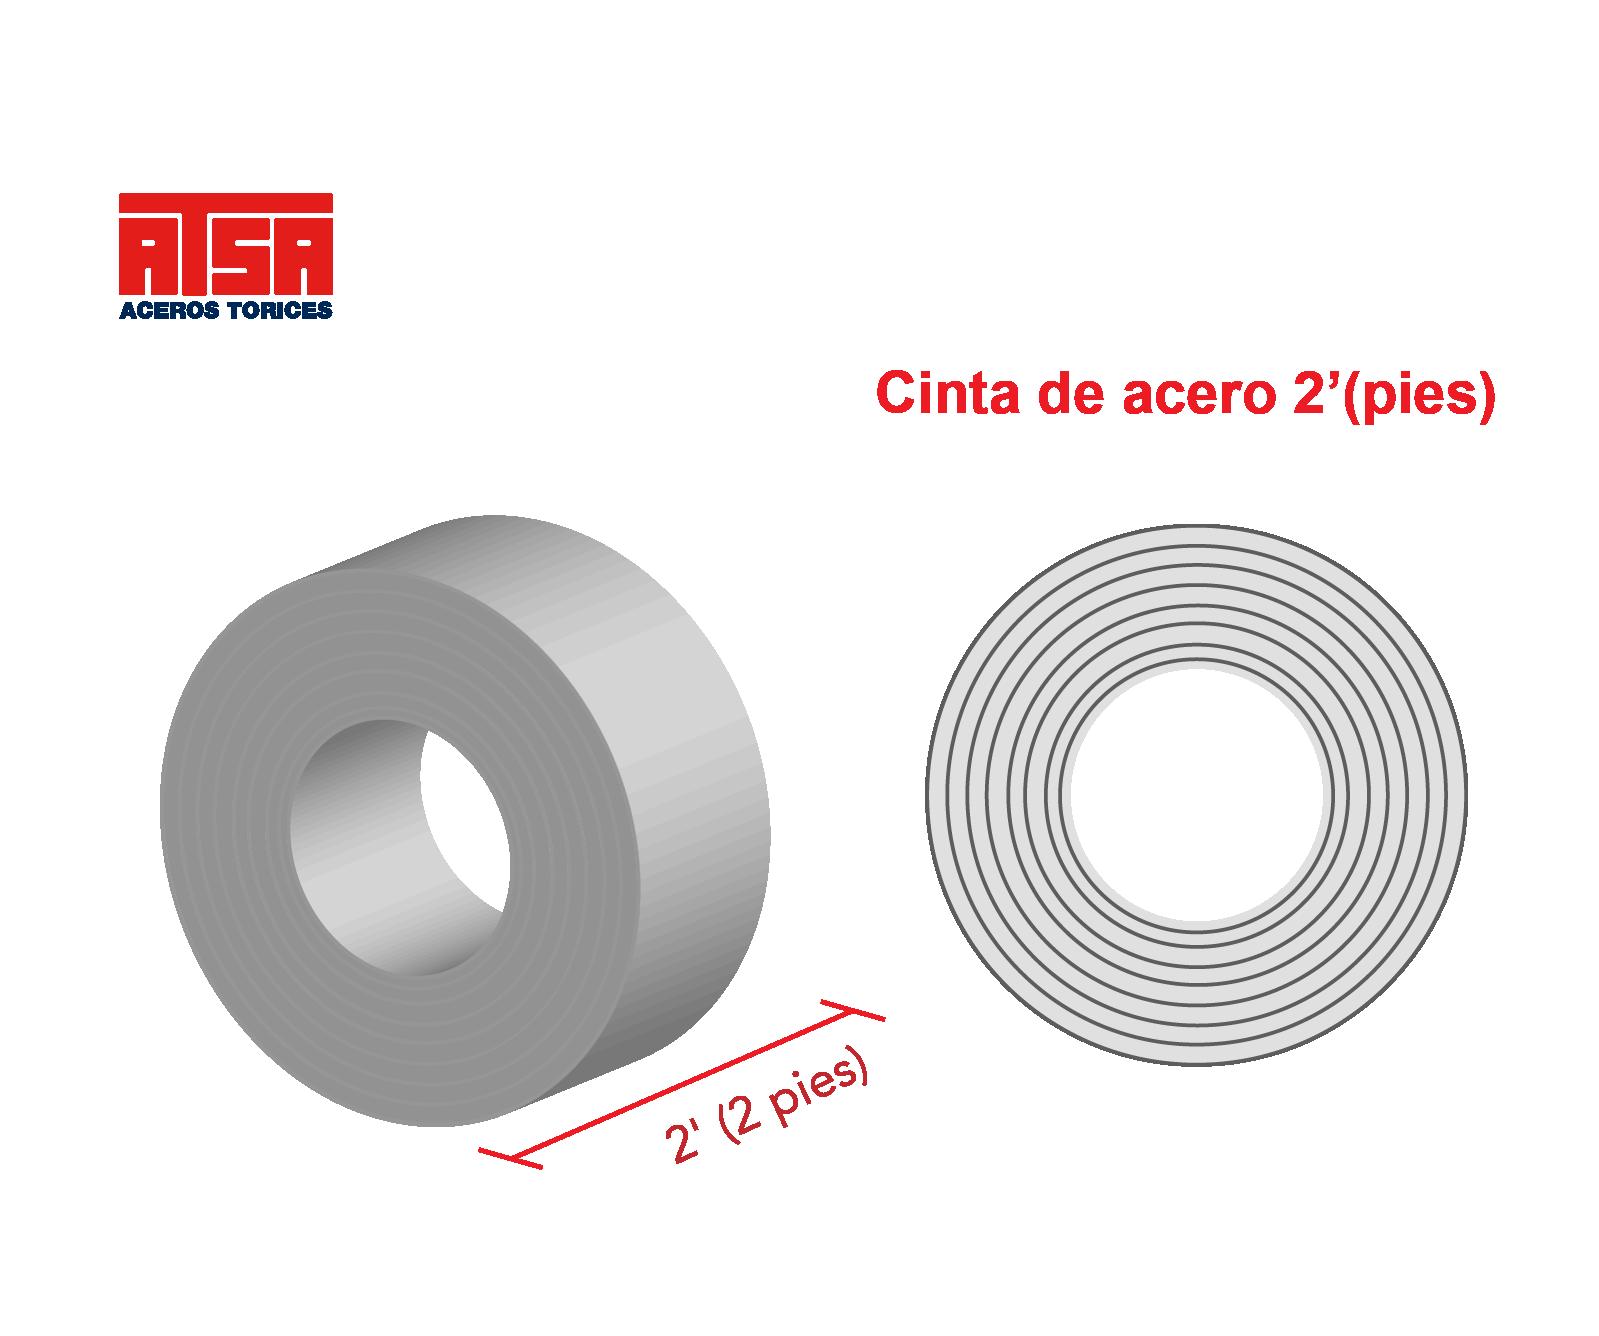 medidas-de-cinta-de-acero-2-pies-aceros-atsa